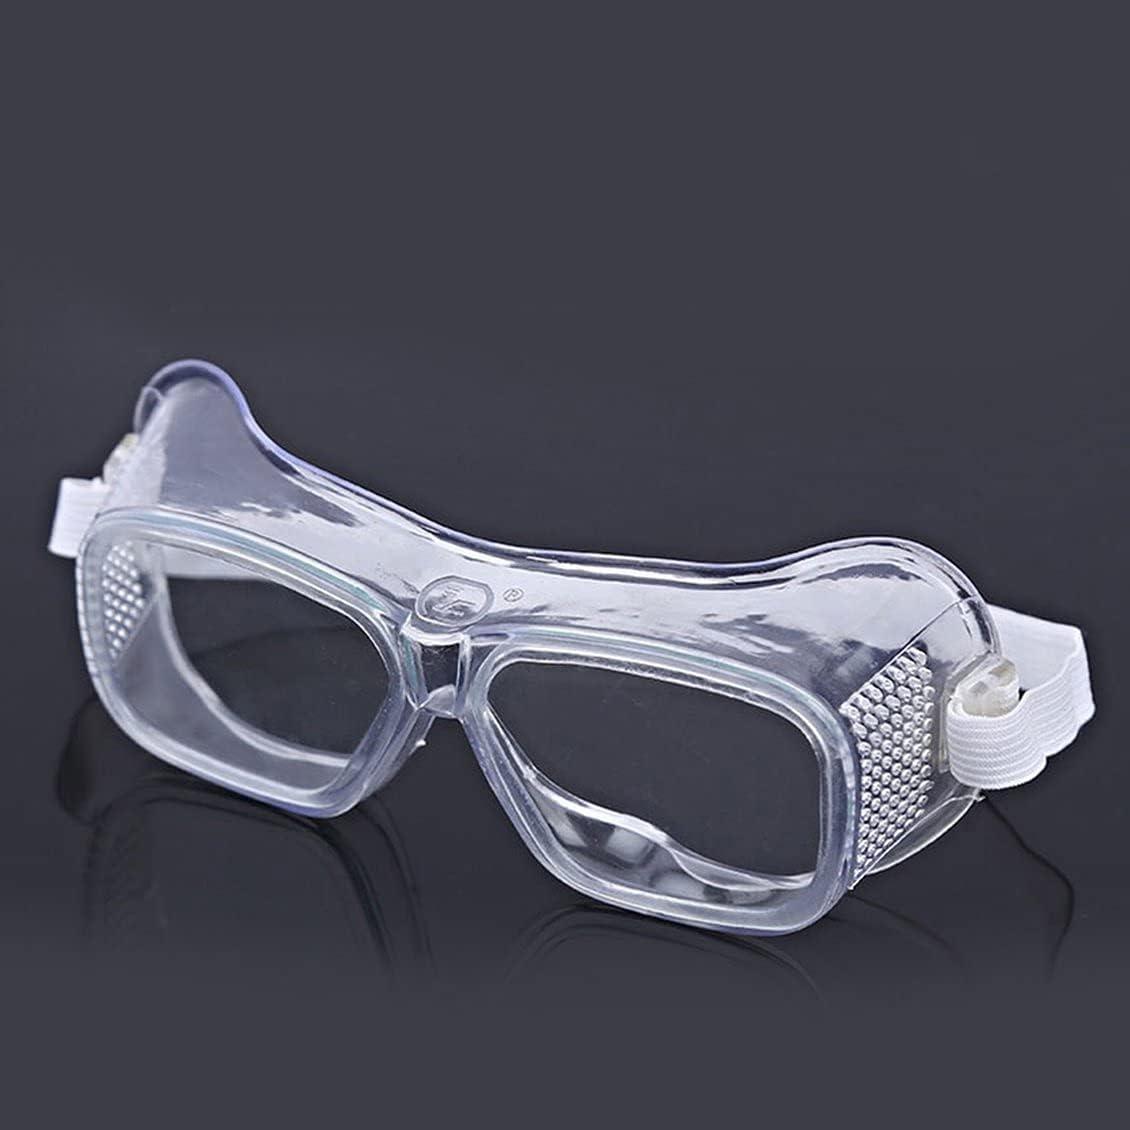 healthwen Gafas de Seguridad Protección Ocular de Laboratorio Gafas Protectoras médicas Lentes Transparentes Gafas de Seguridad en el Lugar de Trabajo Suministros Antipolvo